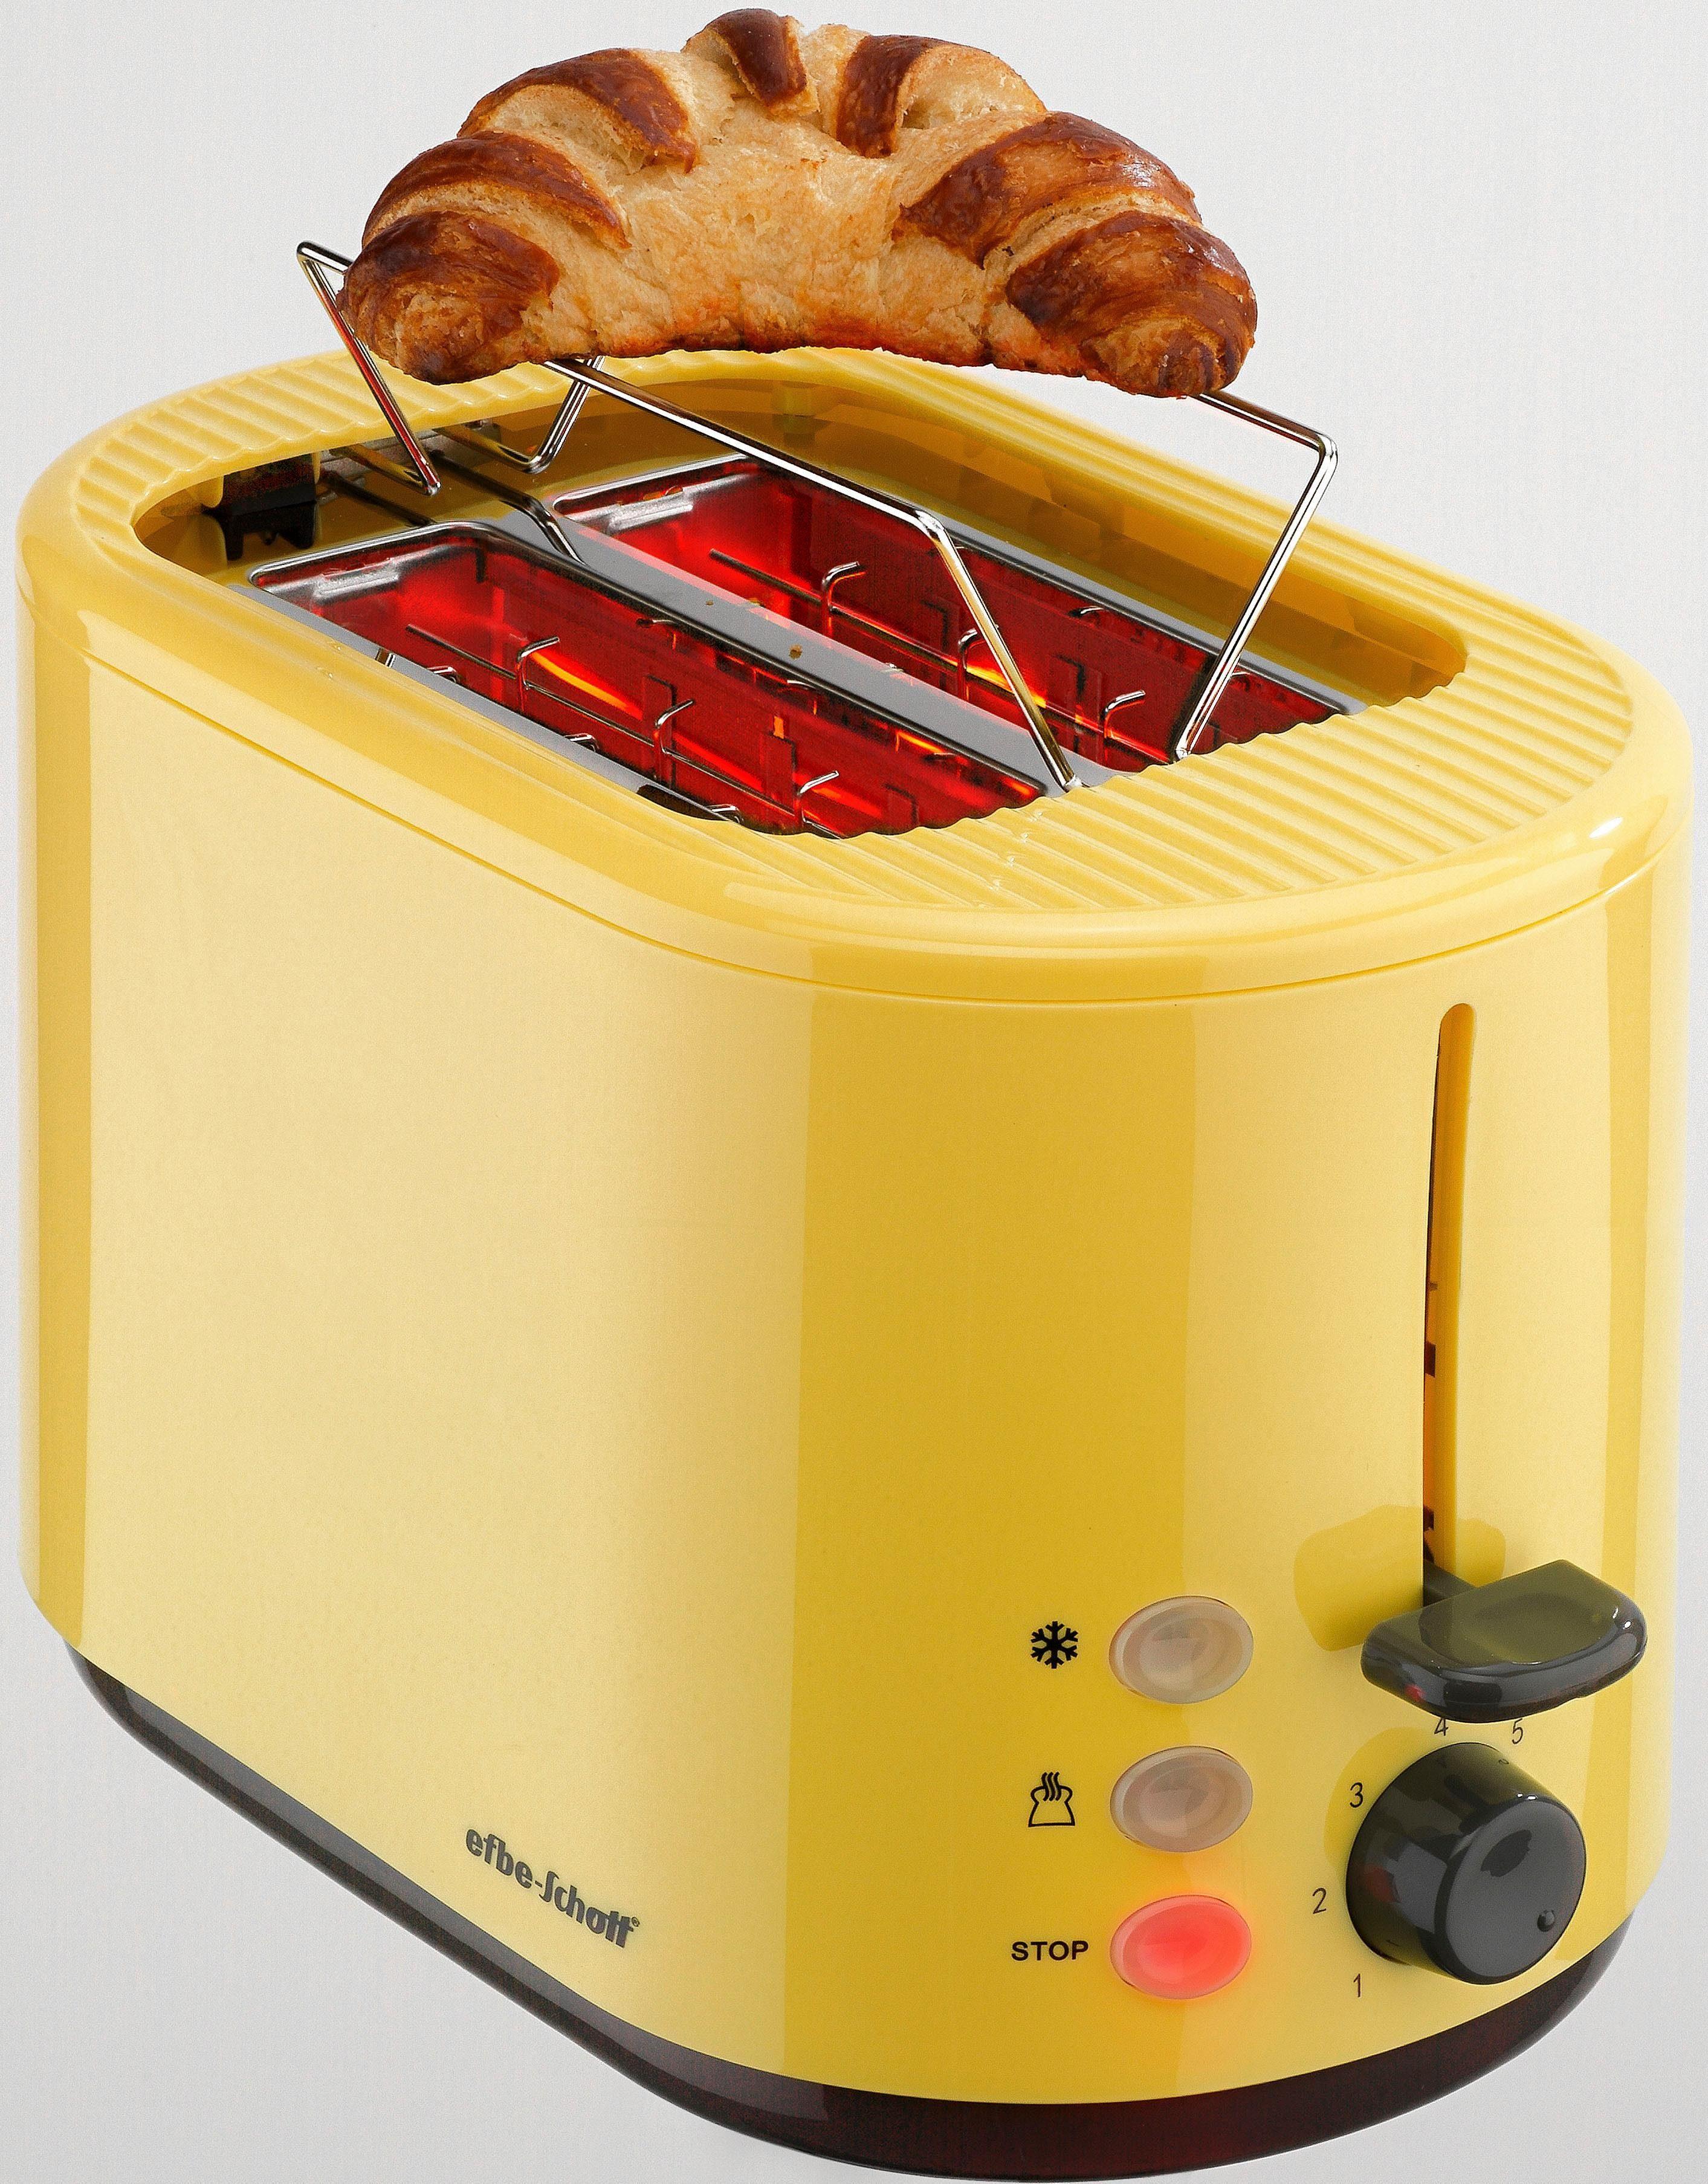 Efbe-Schott Toaster SC TO 1080.1 GLB, 2 kurze Schlitze, für 2 Scheiben, 800 W